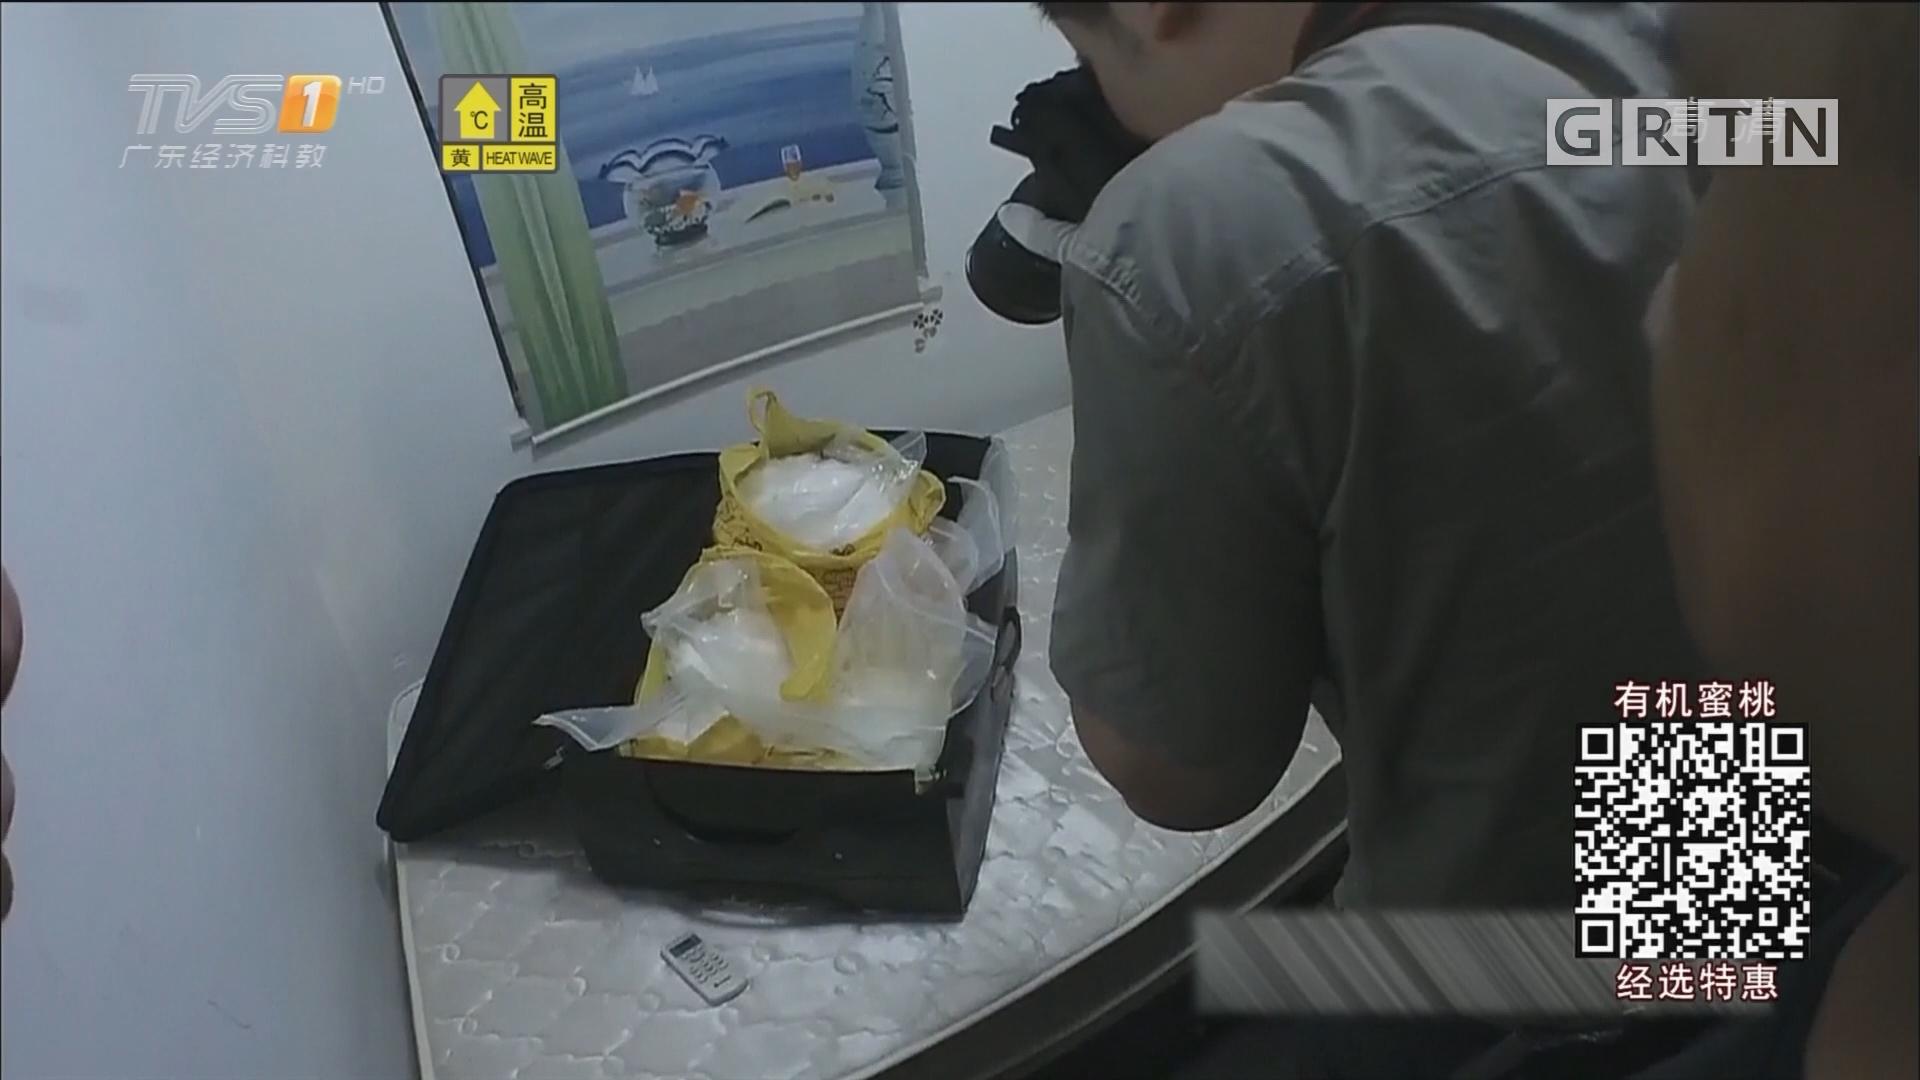 广州:出租屋成毒品交易点 藏冰毒70多公斤